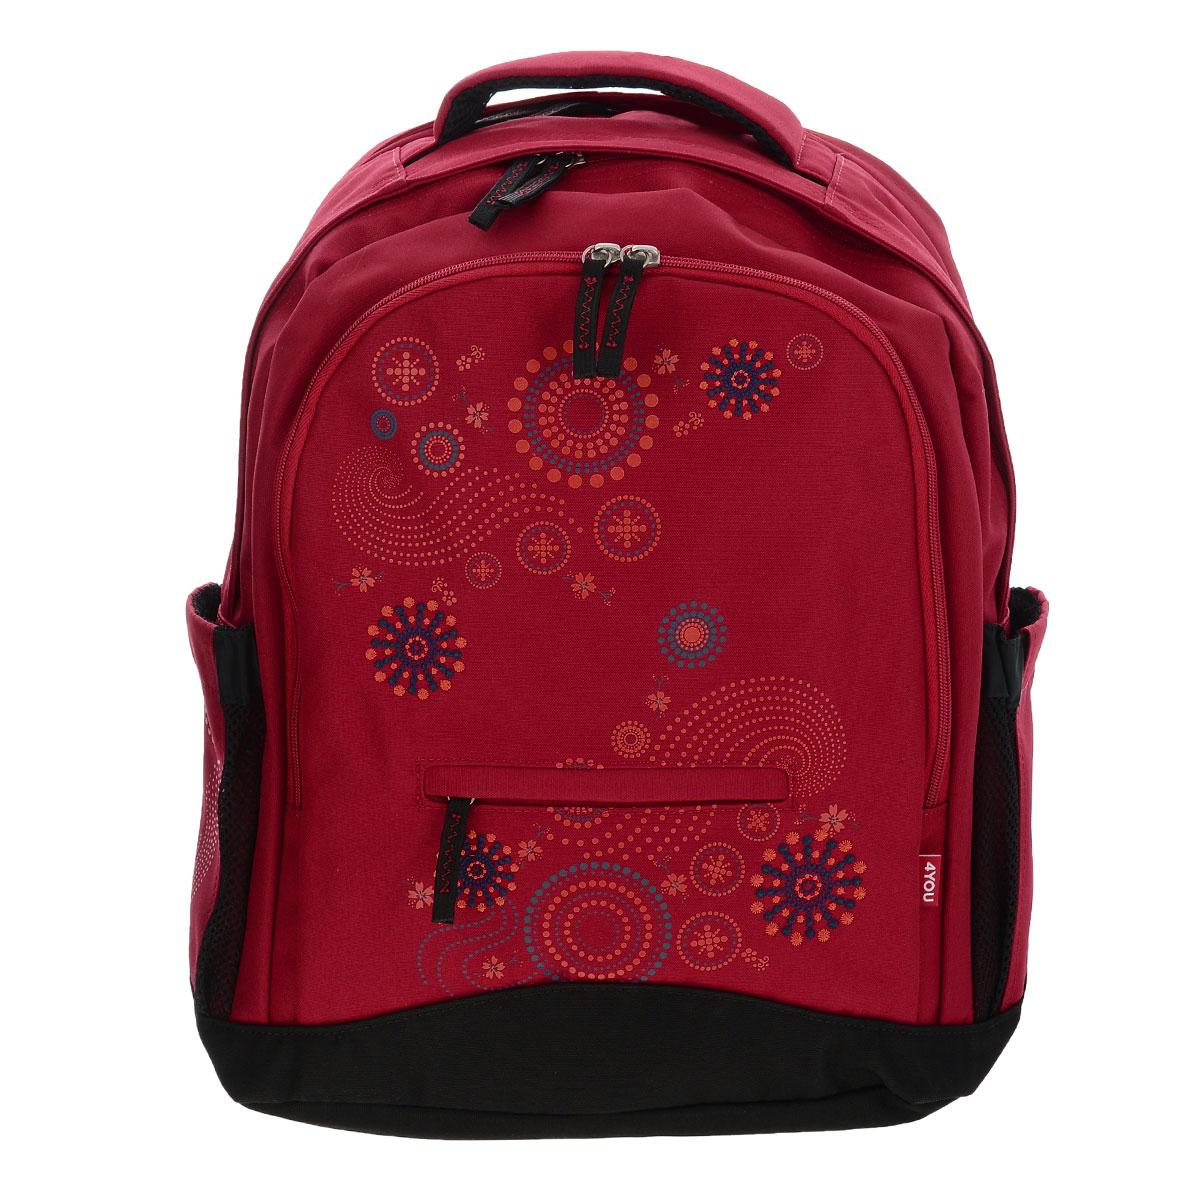 Школьный рюкзак 4you move геометрическое солнце купить в харькове рюкзак для рыбалки